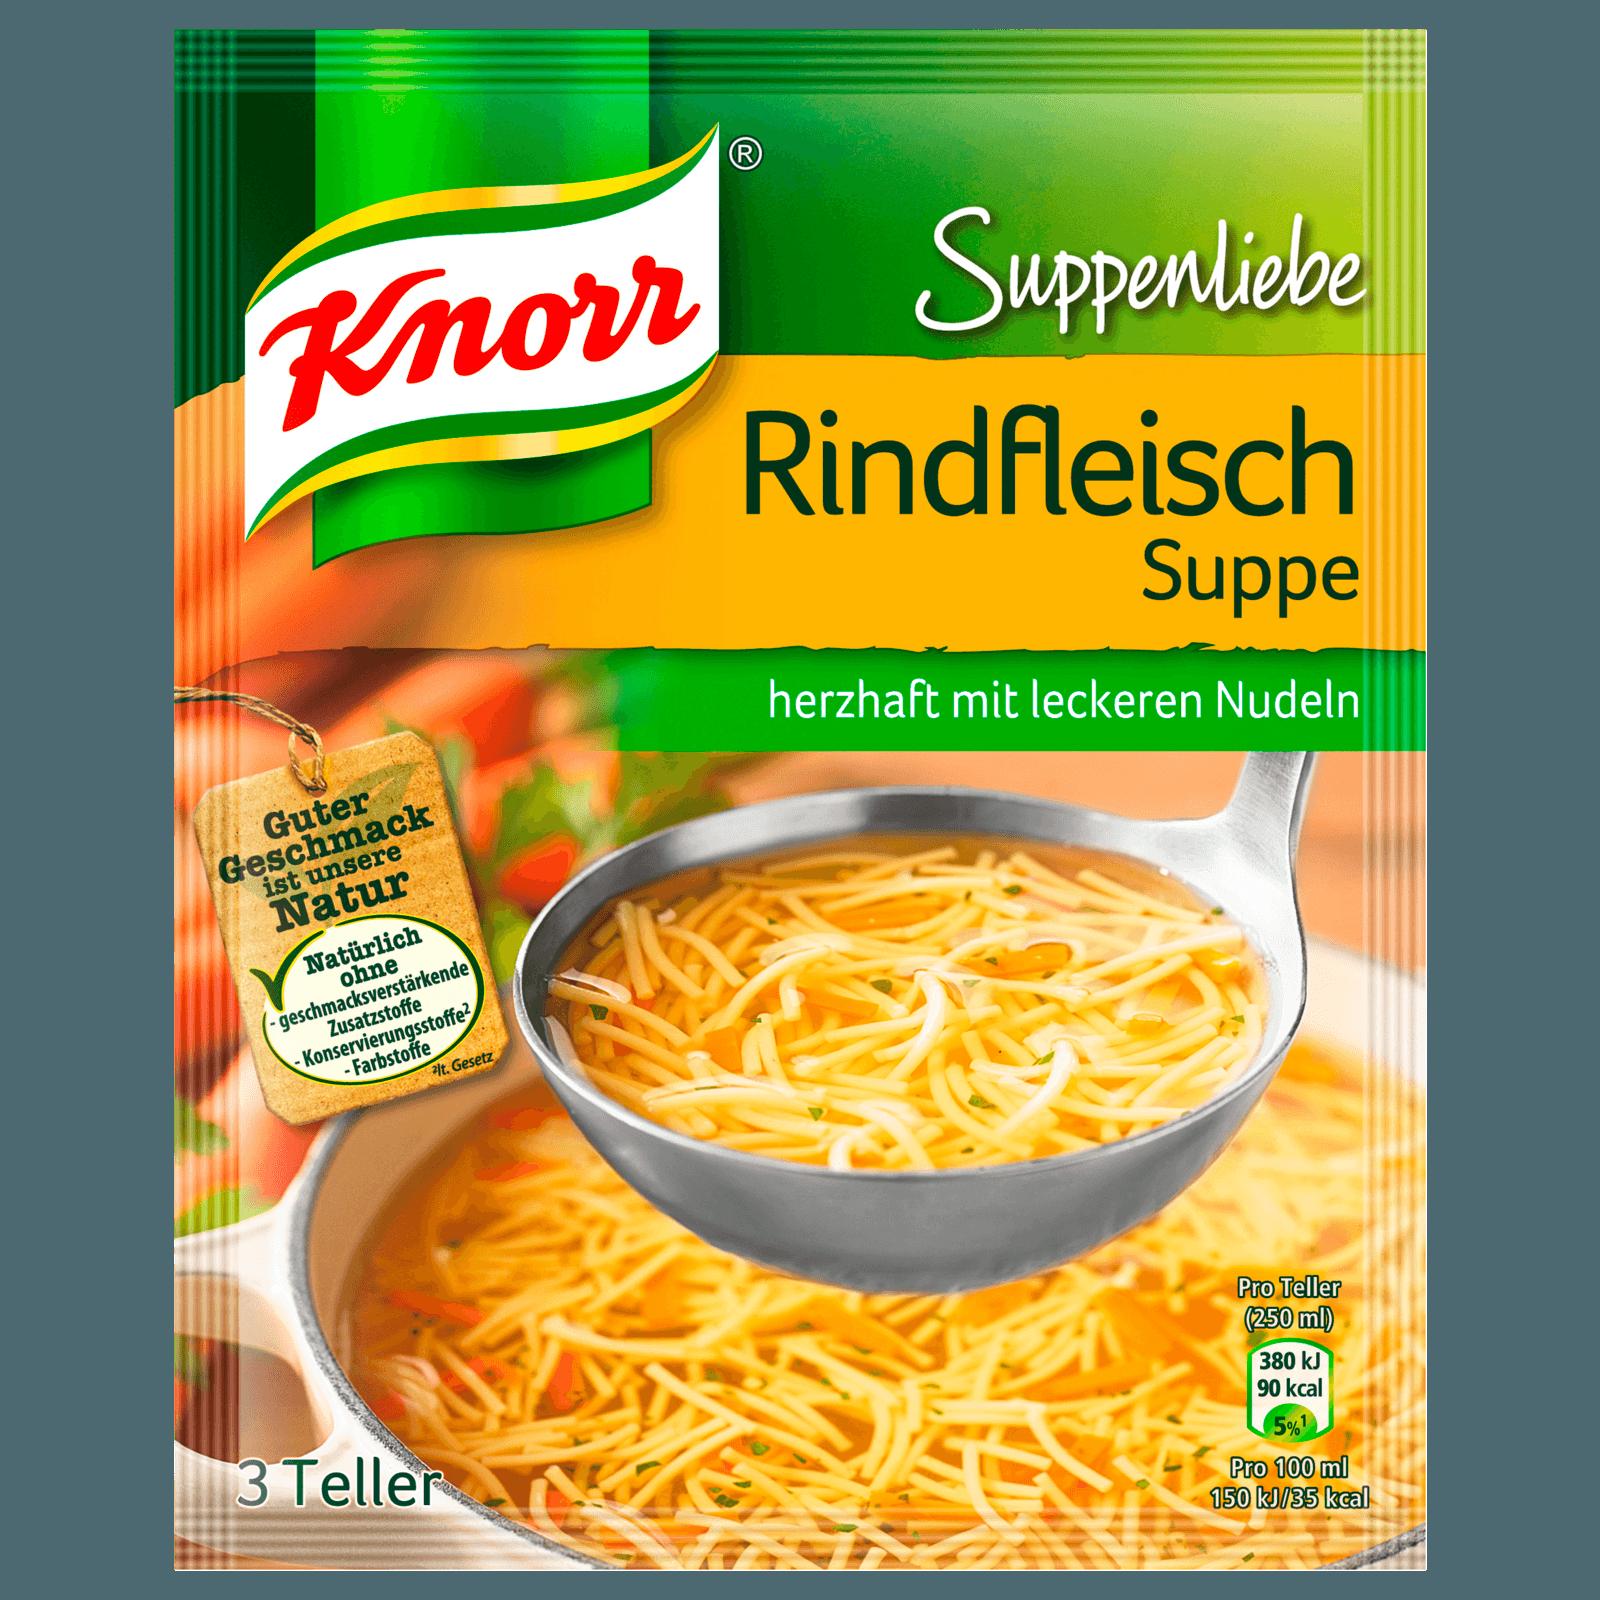 Knorr Suppenliebe Rindfleisch Suppe 3 Teller